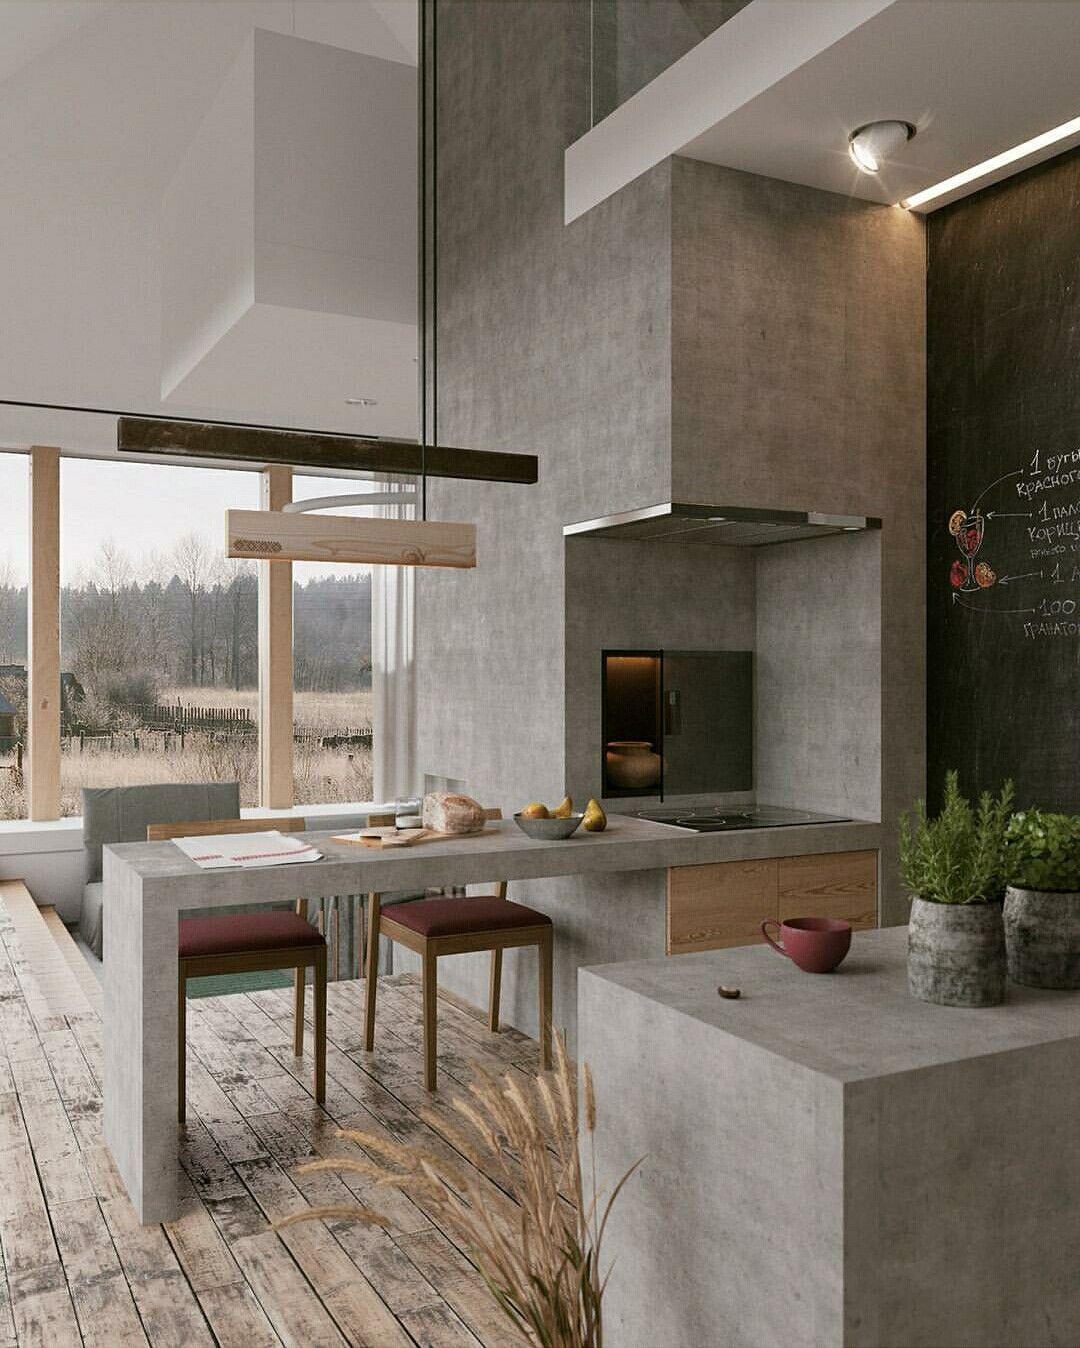 Pin von Matilda Canales auf For the Home | Pinterest | Küche ...